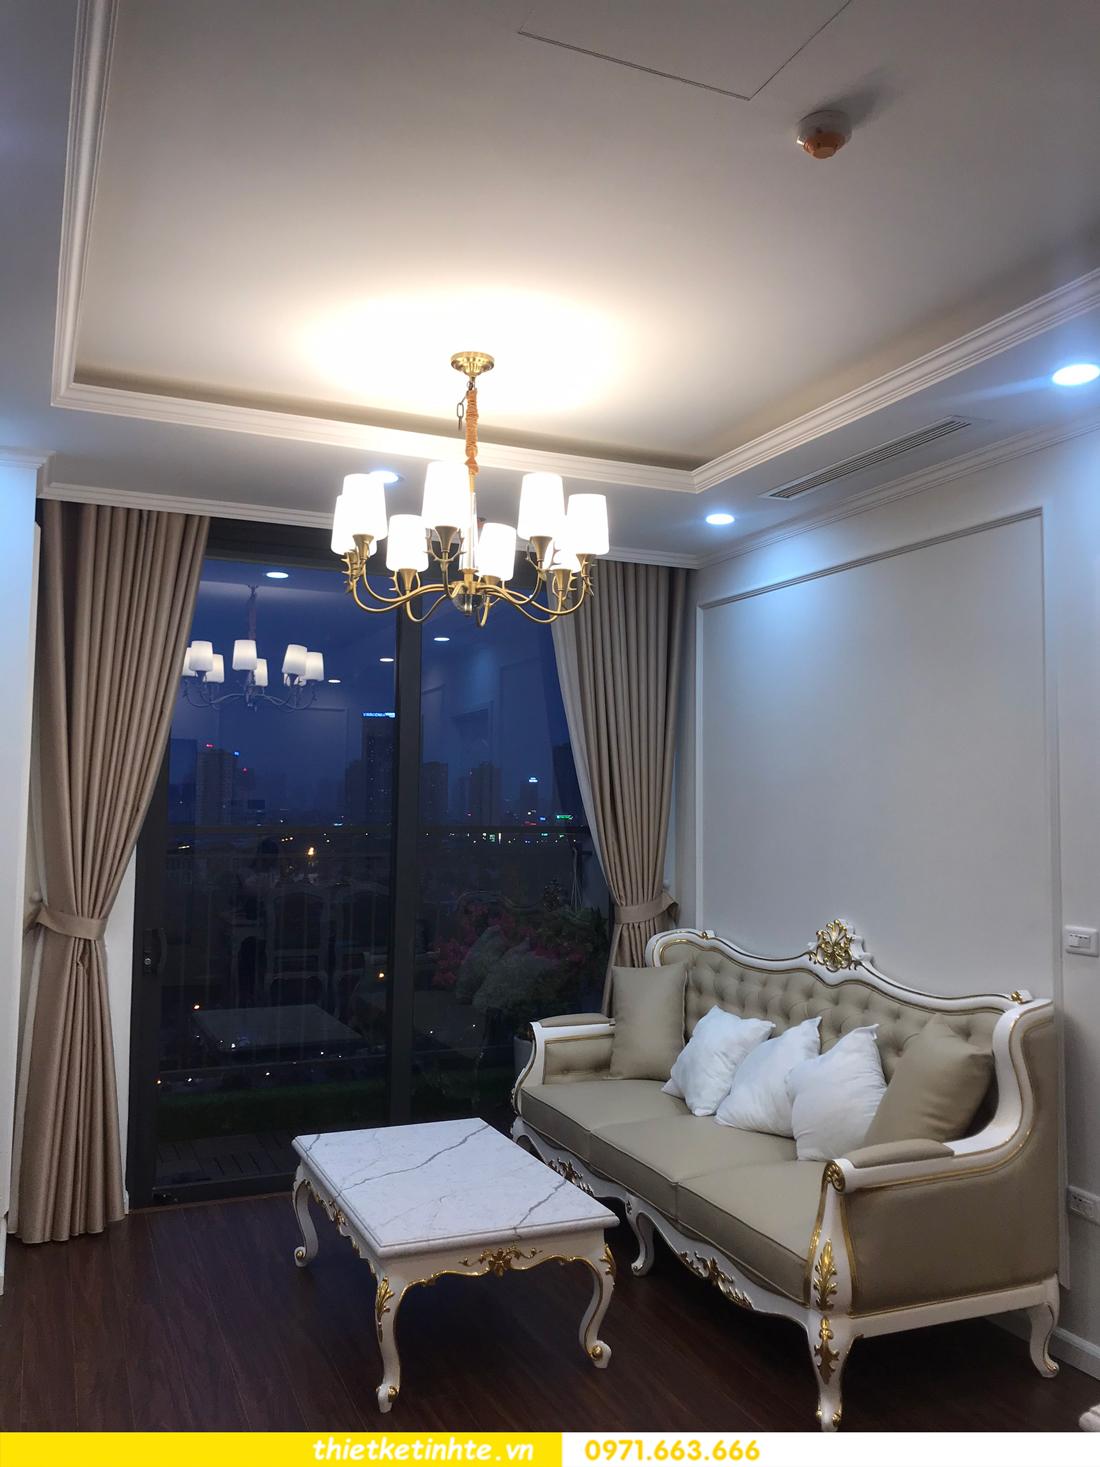 3 món đồ trang trí nội thất giúp không gian thêm cuốn hút